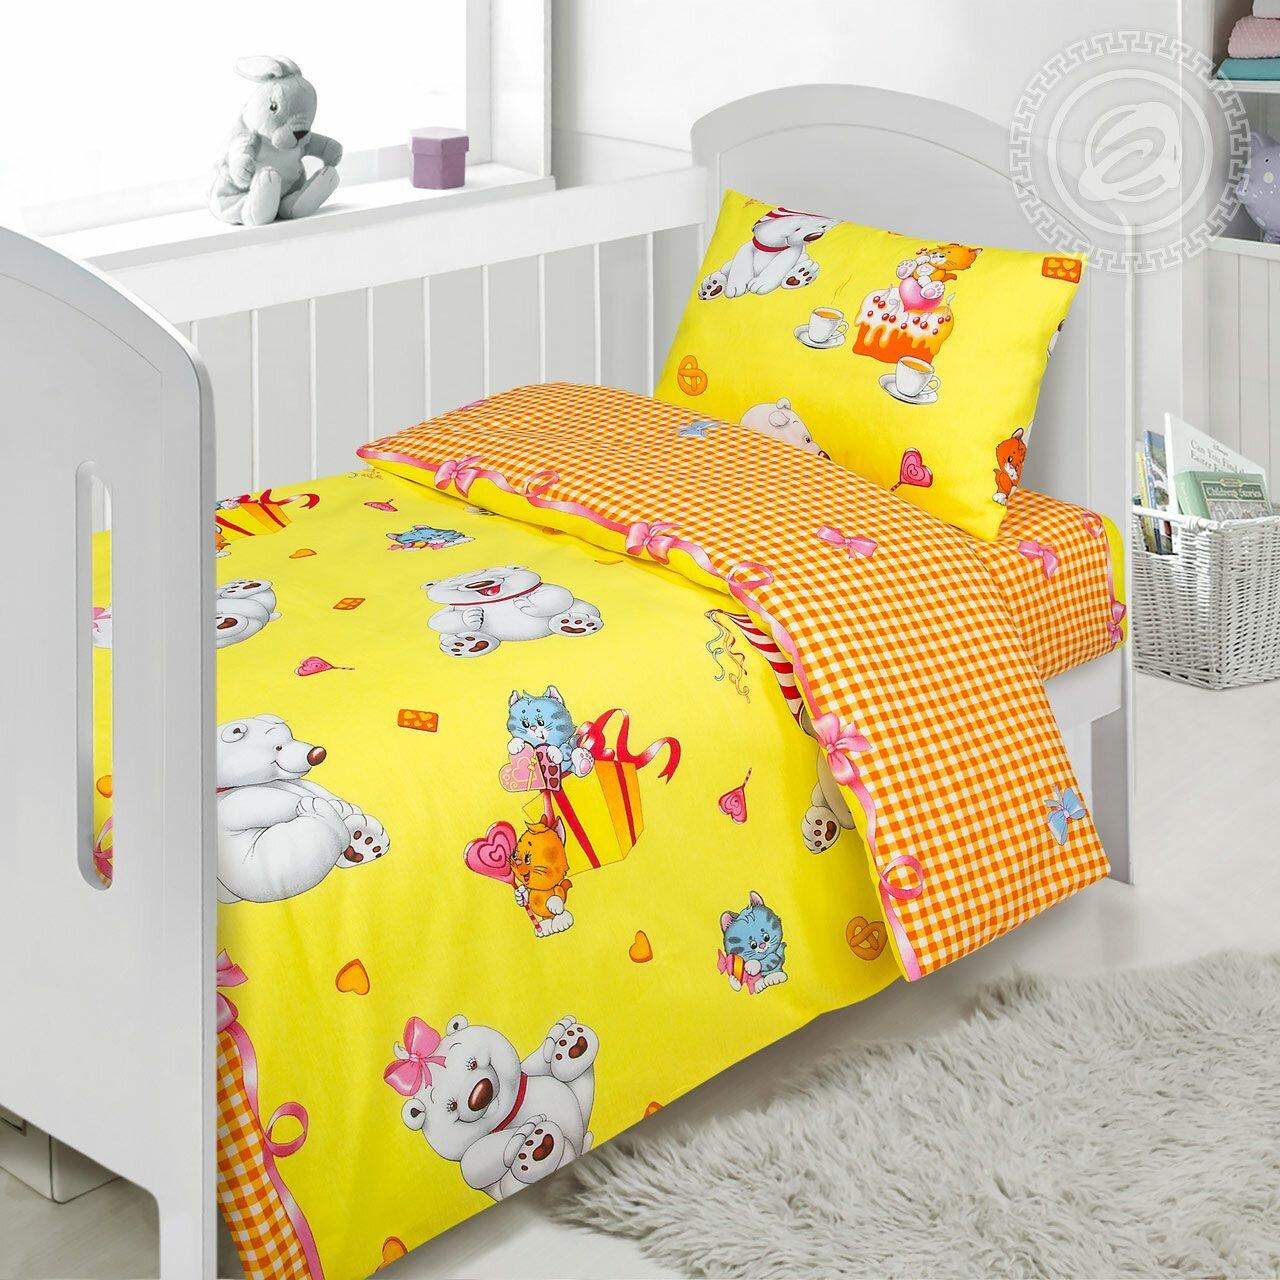 Выбираем белье правильно: стандартные размеры детского постельного белья в кроватку